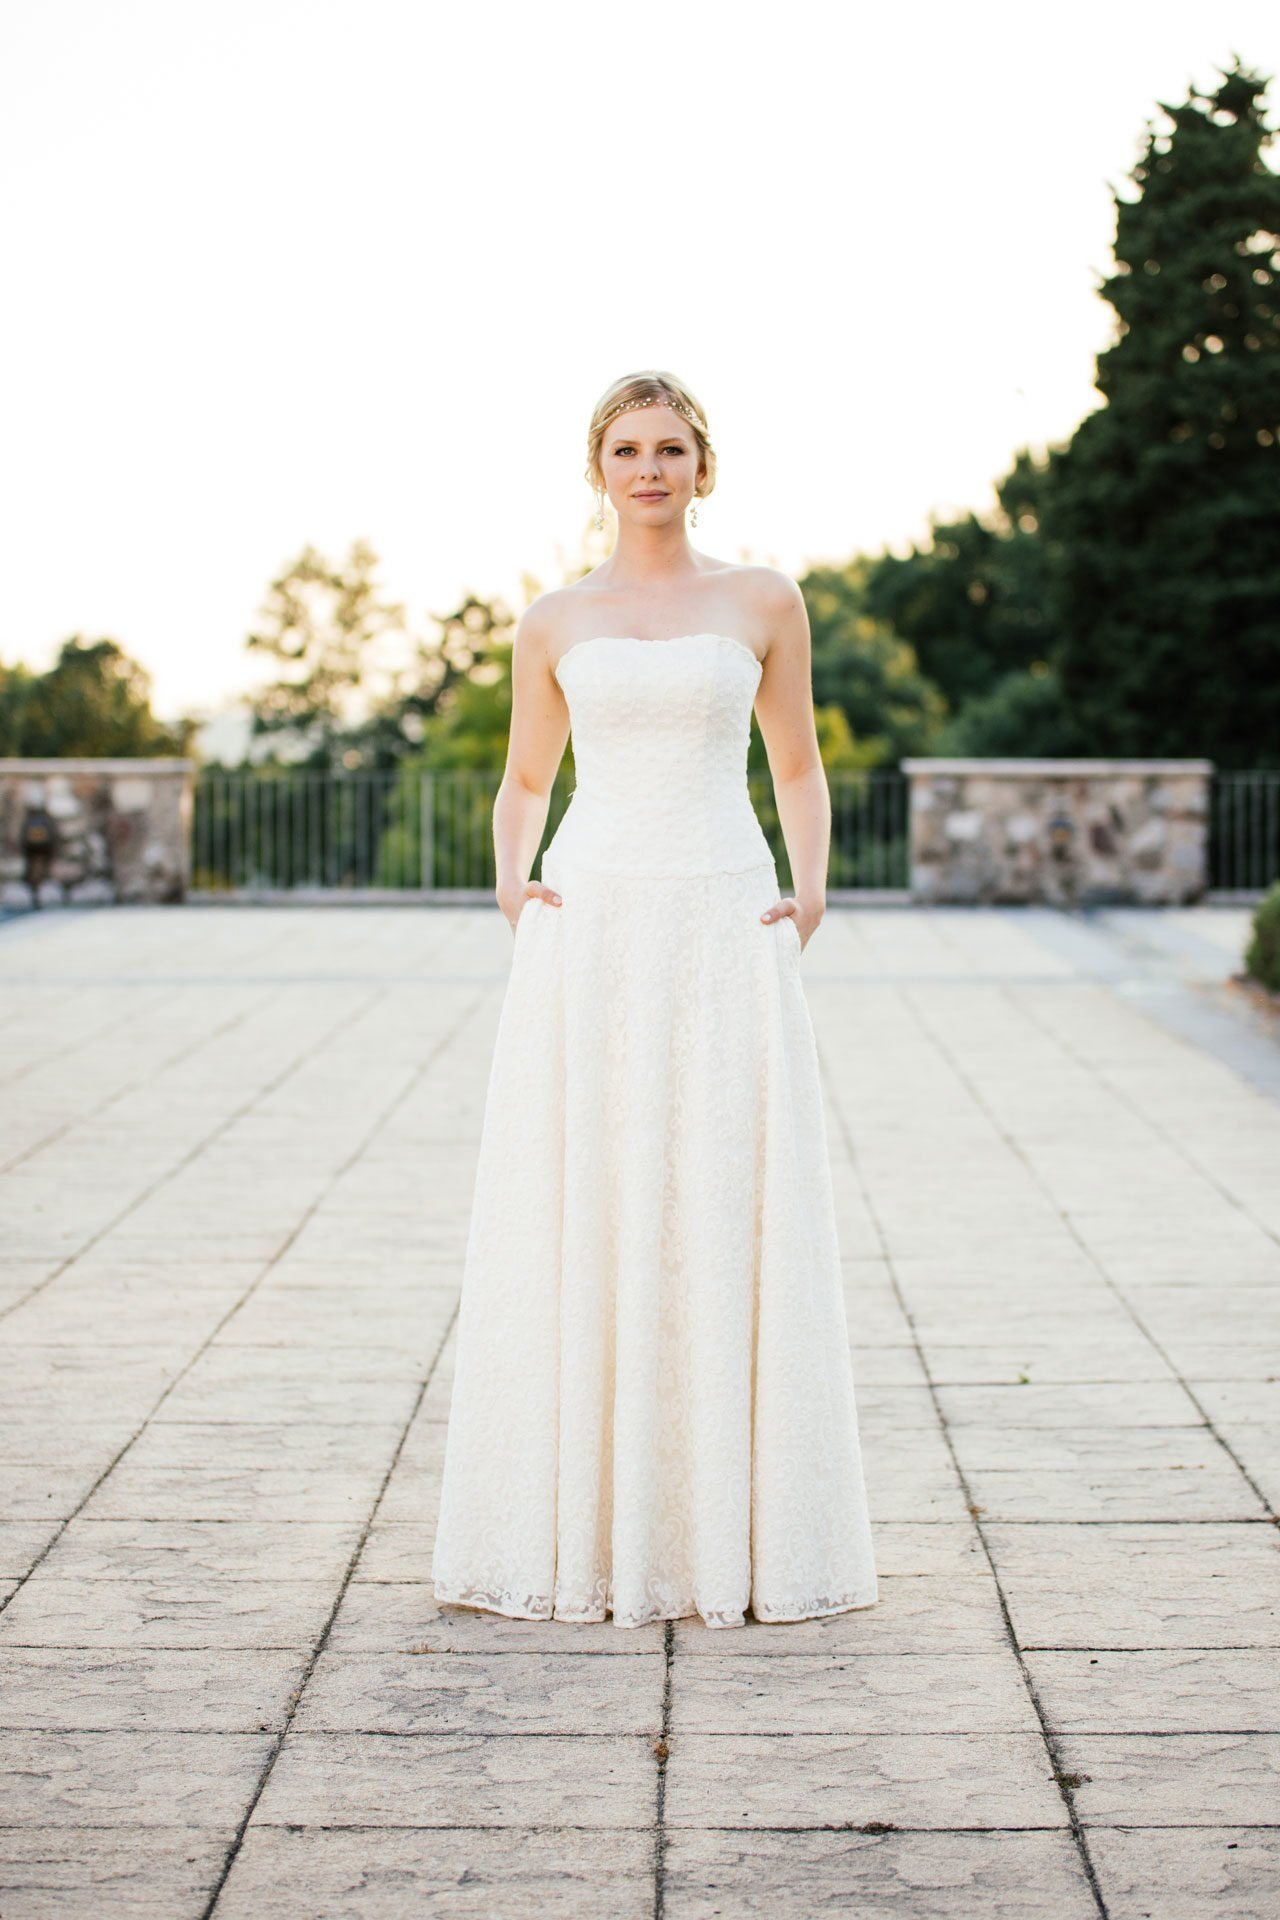 Pin von Maike Steffens auf Hochzeit | Pinterest | Brautkleid, Linie ...